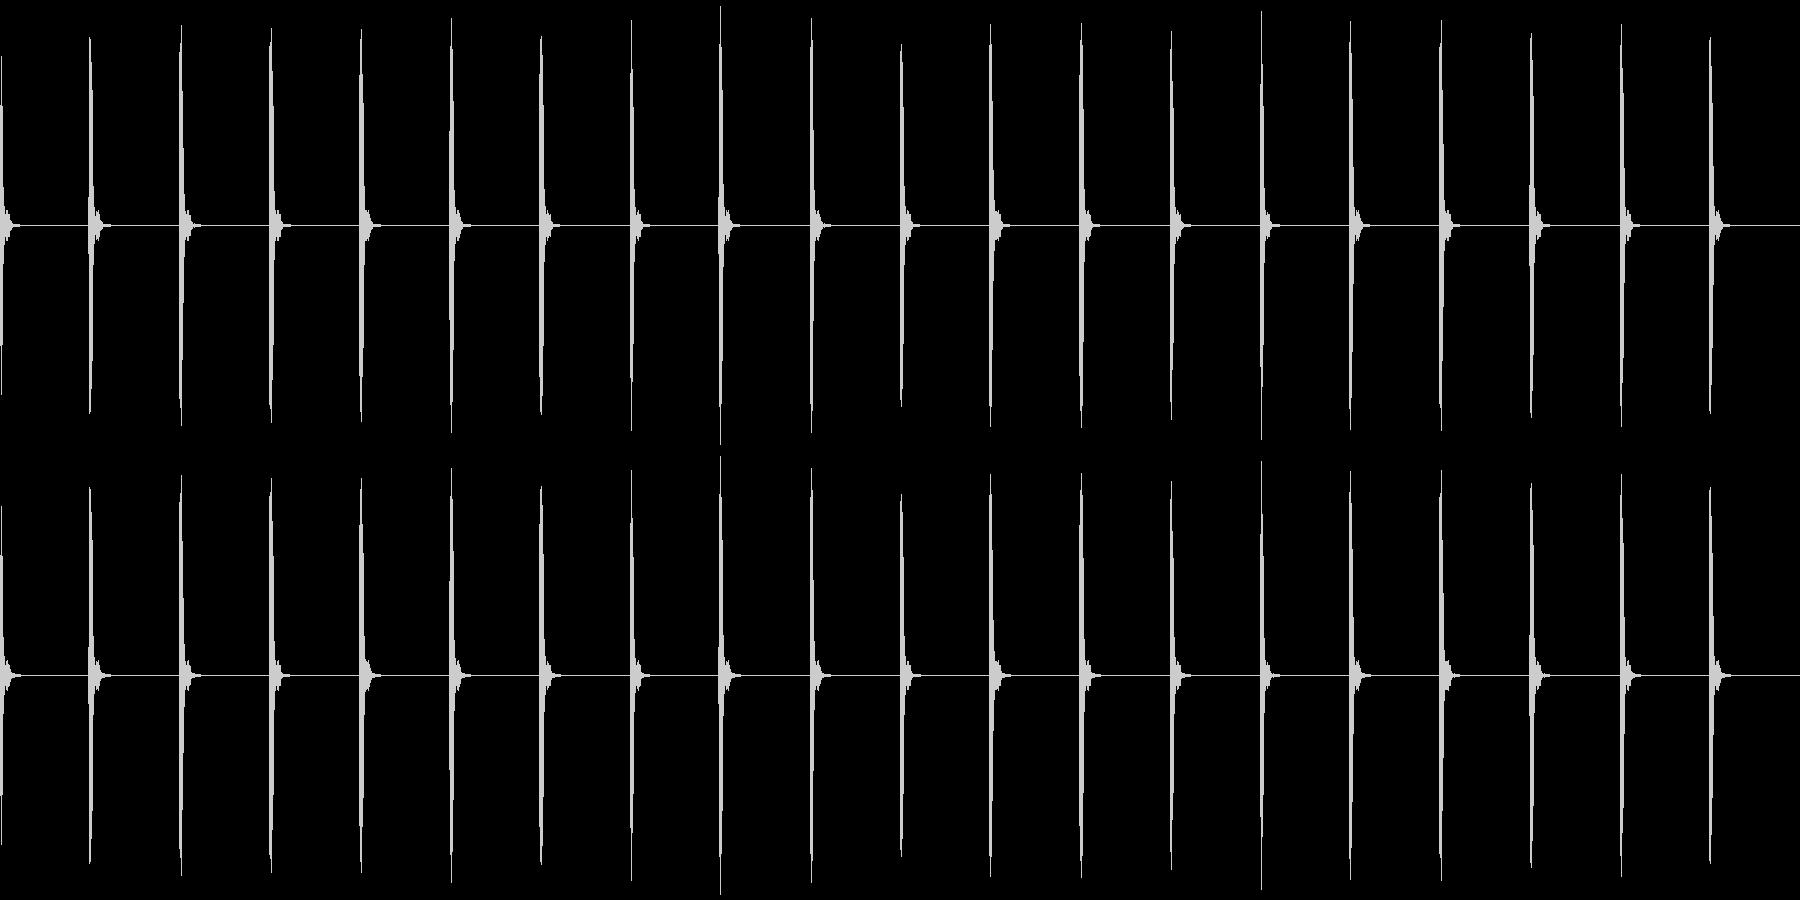 チャッチャッ..。時計の秒針D(低・長)の未再生の波形